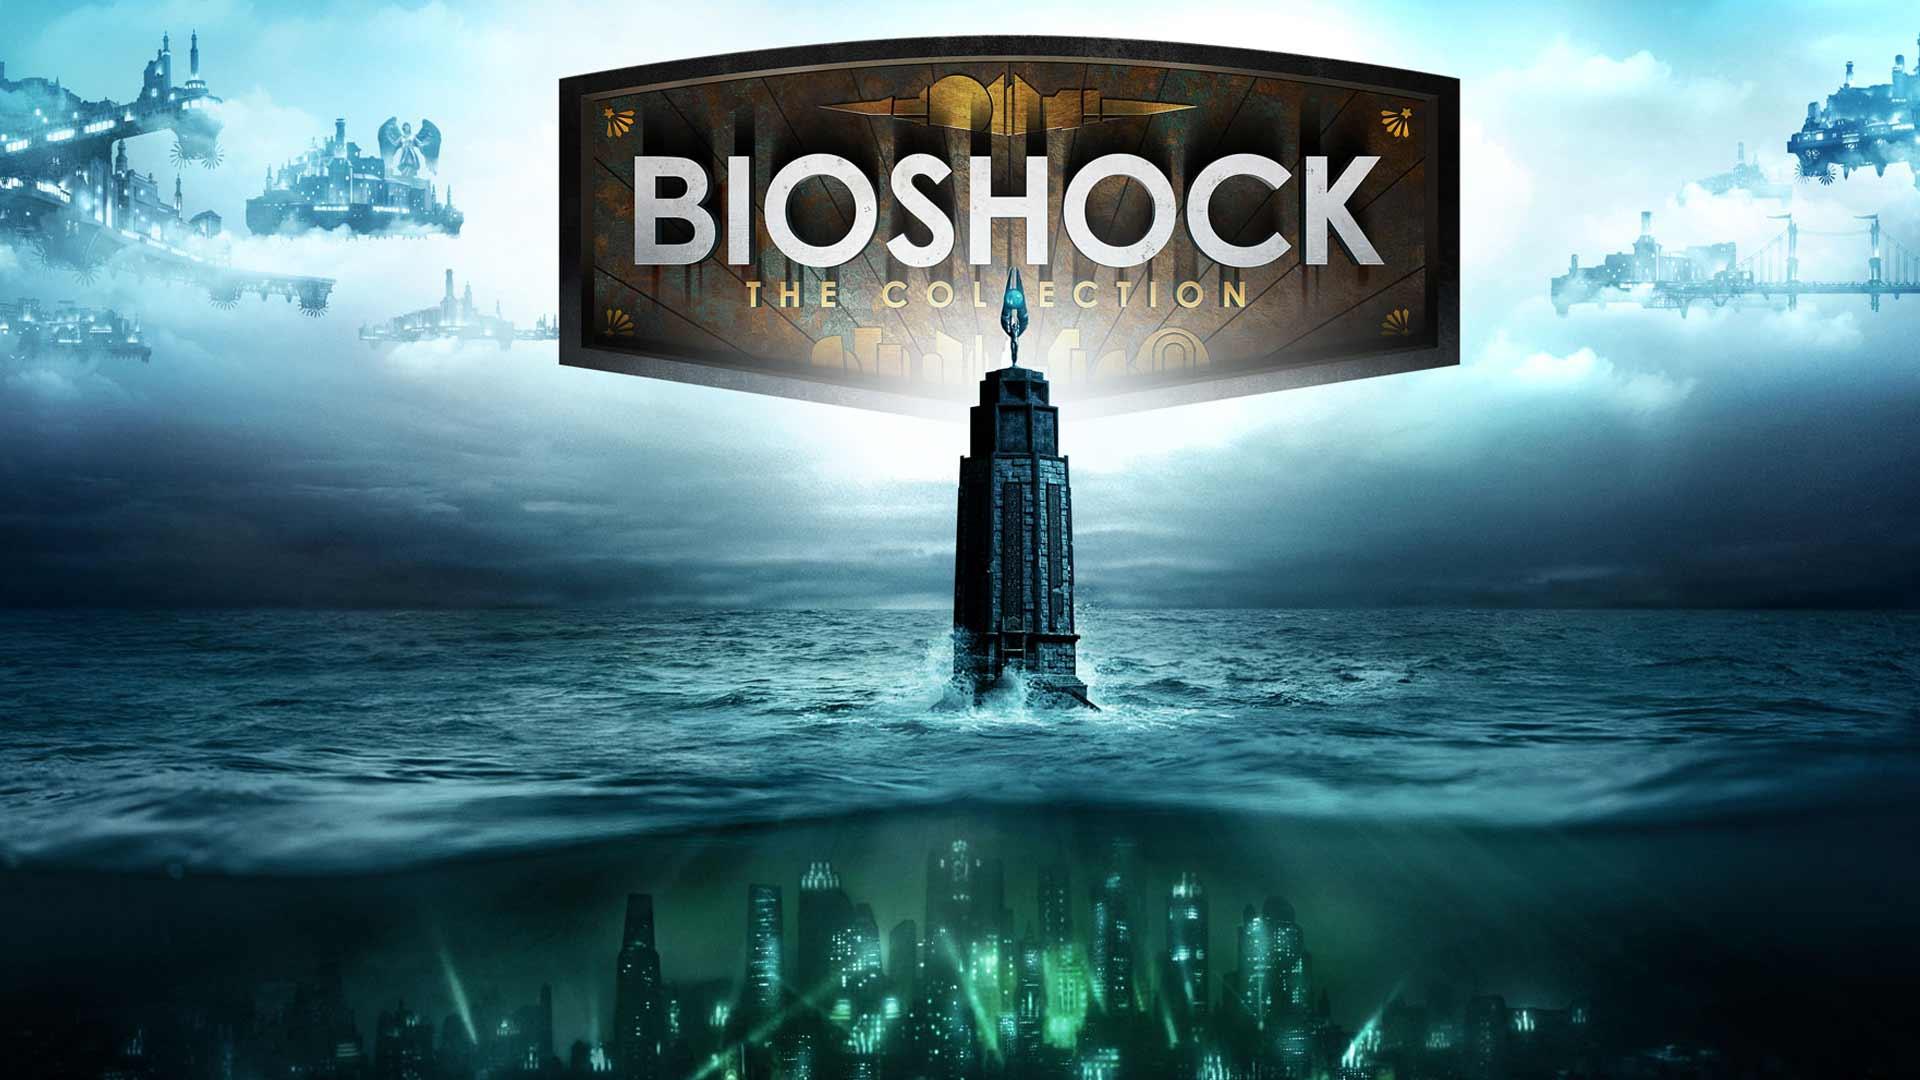 8 вопросов, которые у нас всегда были о BioShock